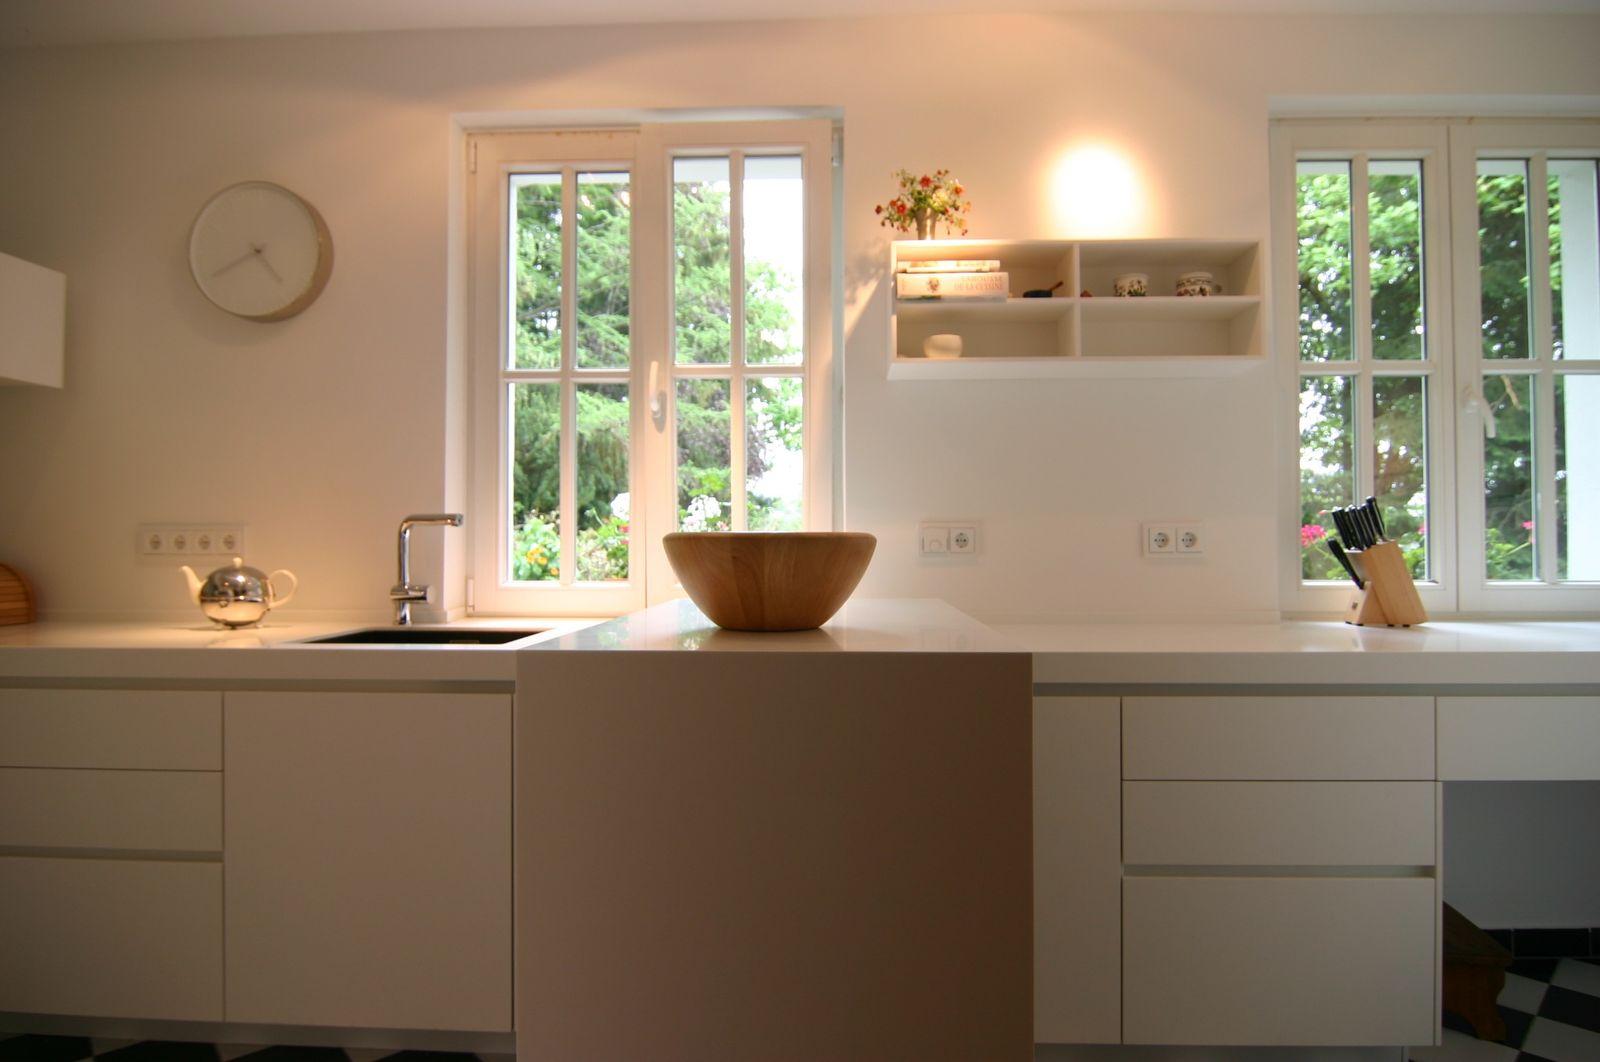 plan 3 kuchyně / Moderní kontrasty v kuchyni /